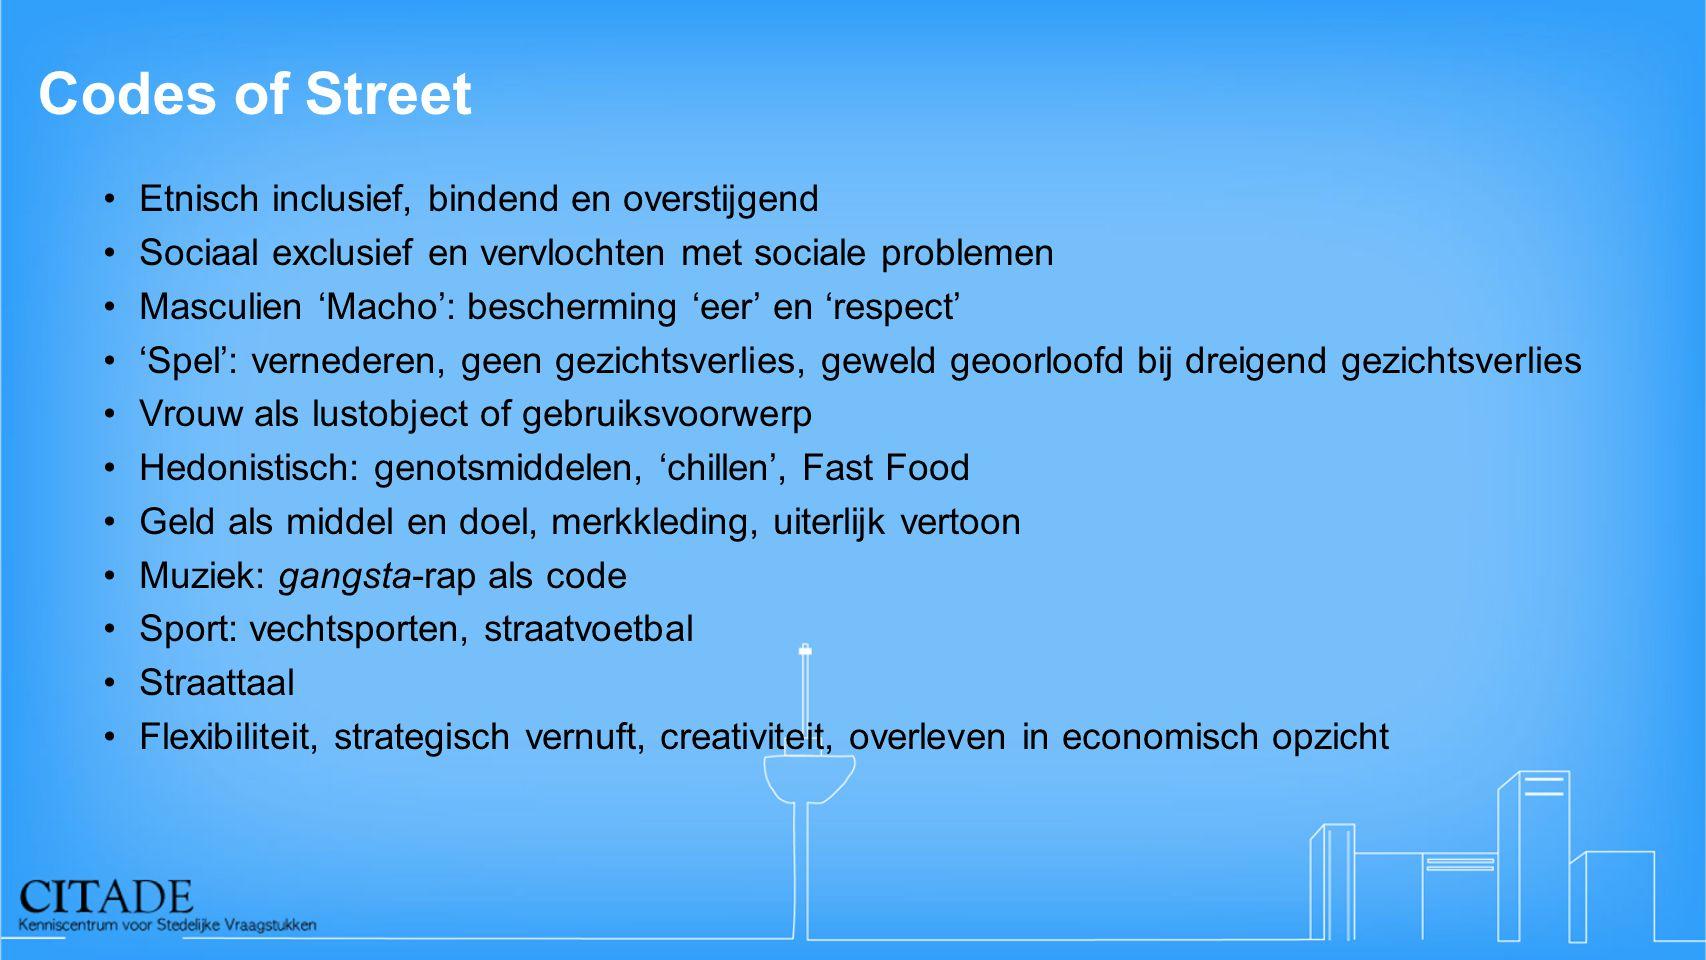 Codes of Street •Etnisch inclusief, bindend en overstijgend •Sociaal exclusief en vervlochten met sociale problemen •Masculien 'Macho': bescherming 'e